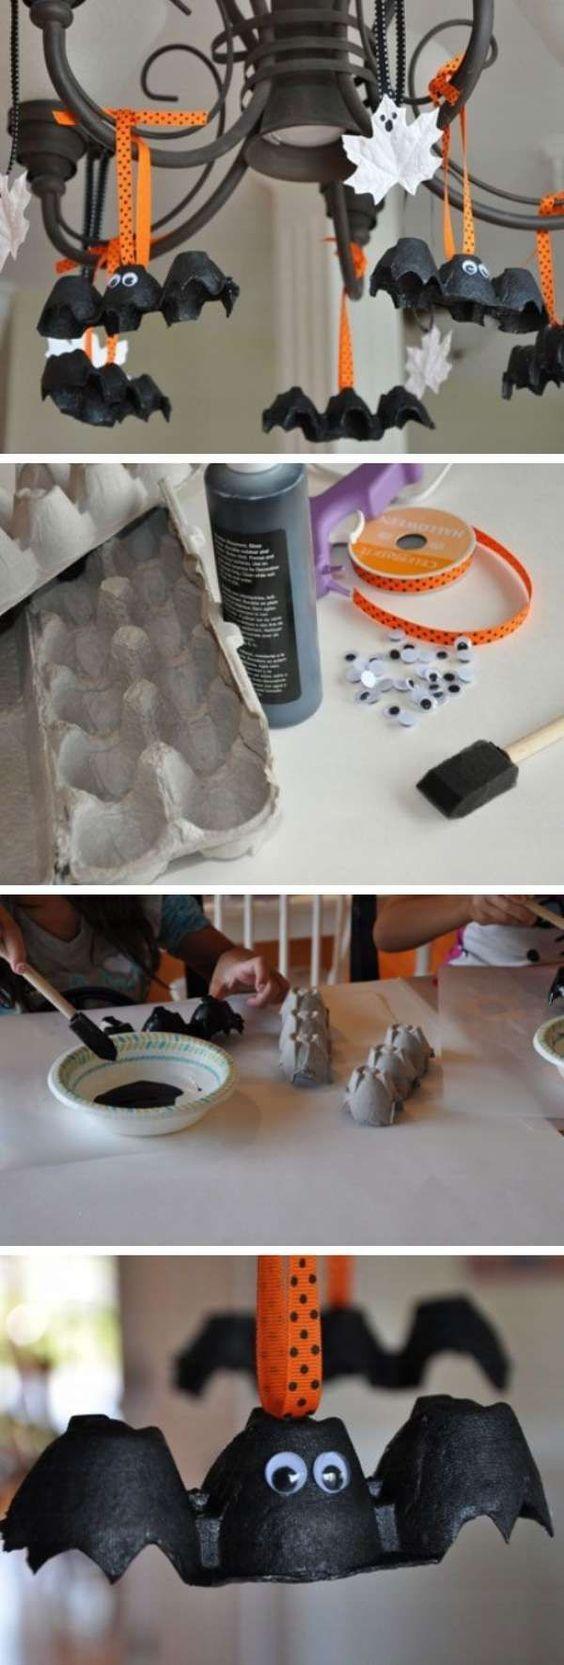 Haifischpapier Tube Craft. Niedlicher Ozean und recyceltes Handwerk für Kinder - Einfacheshandwerk #diyhalloweendecorations